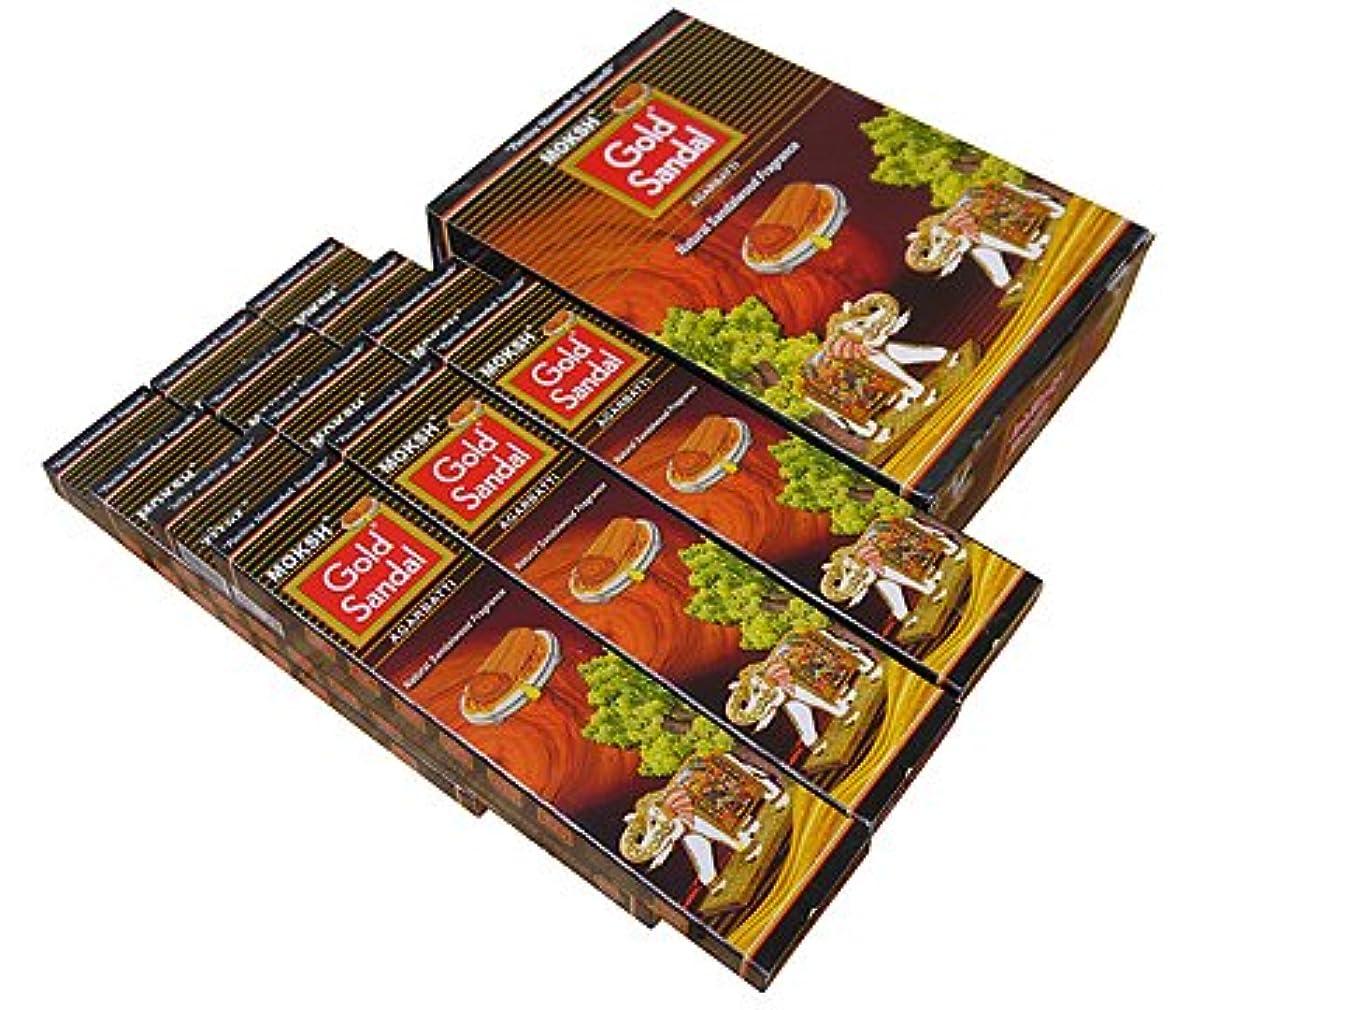 泥沼ハシースクラブMoksh(モクシャ)社 Moksh(モクシャ)社 ゴールドサンダル香 スティック GOLD SANDAL 6箱セット